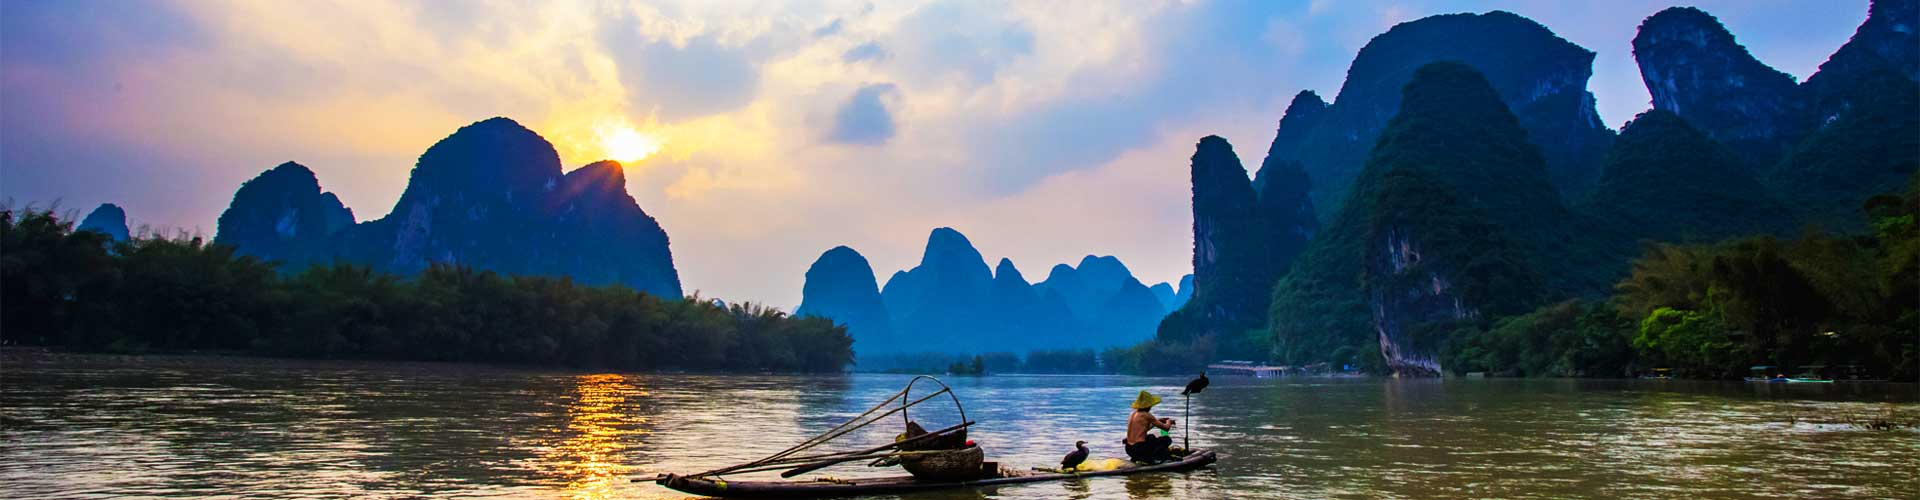 la rivière Li